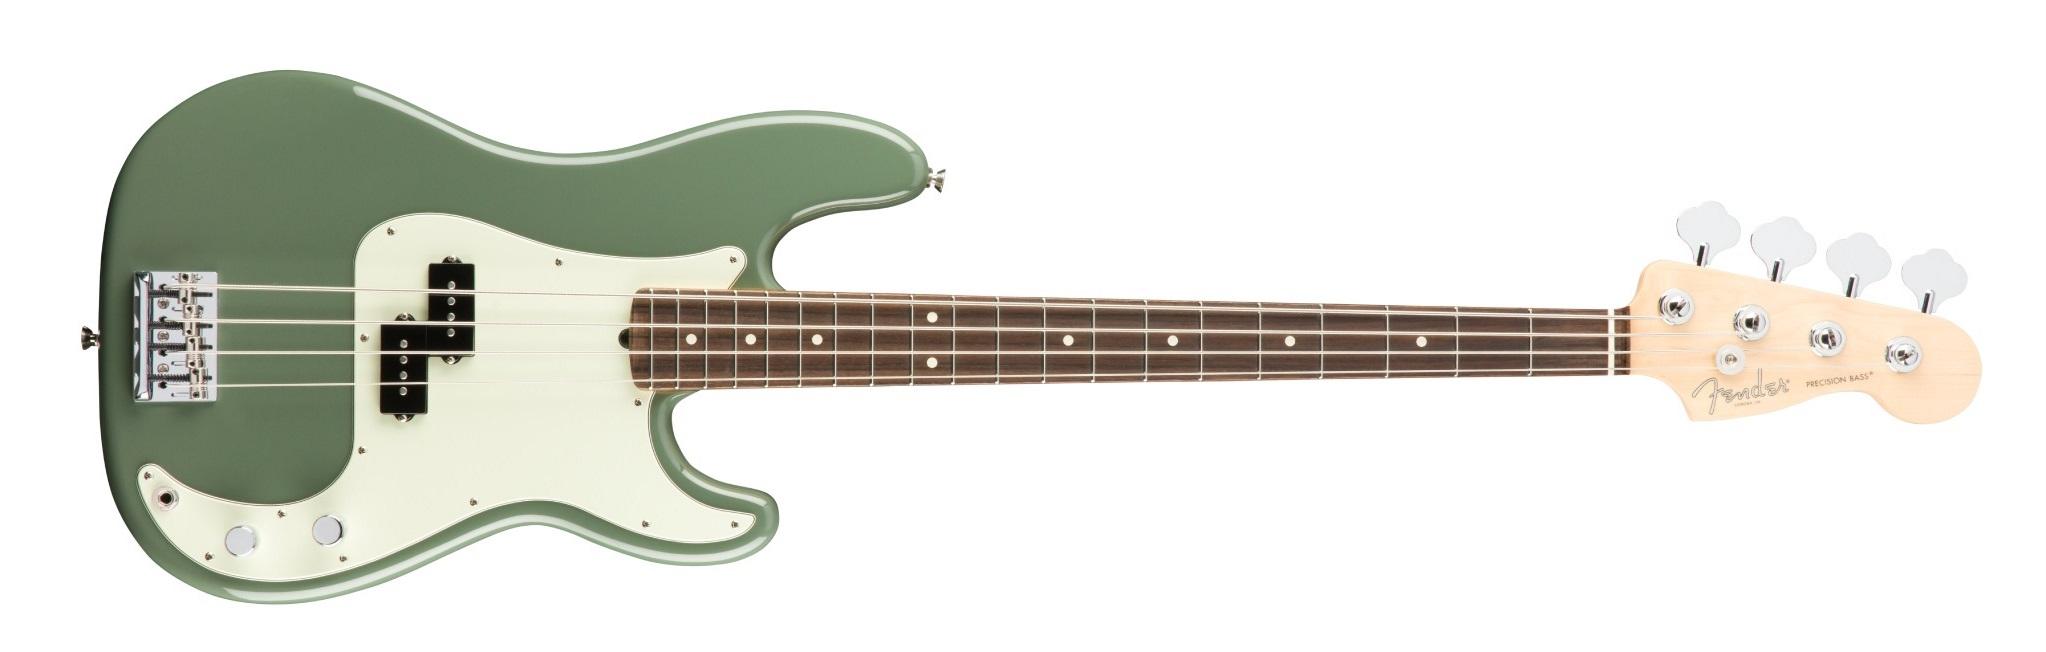 Fender American Professional Precision Bass RW ATO